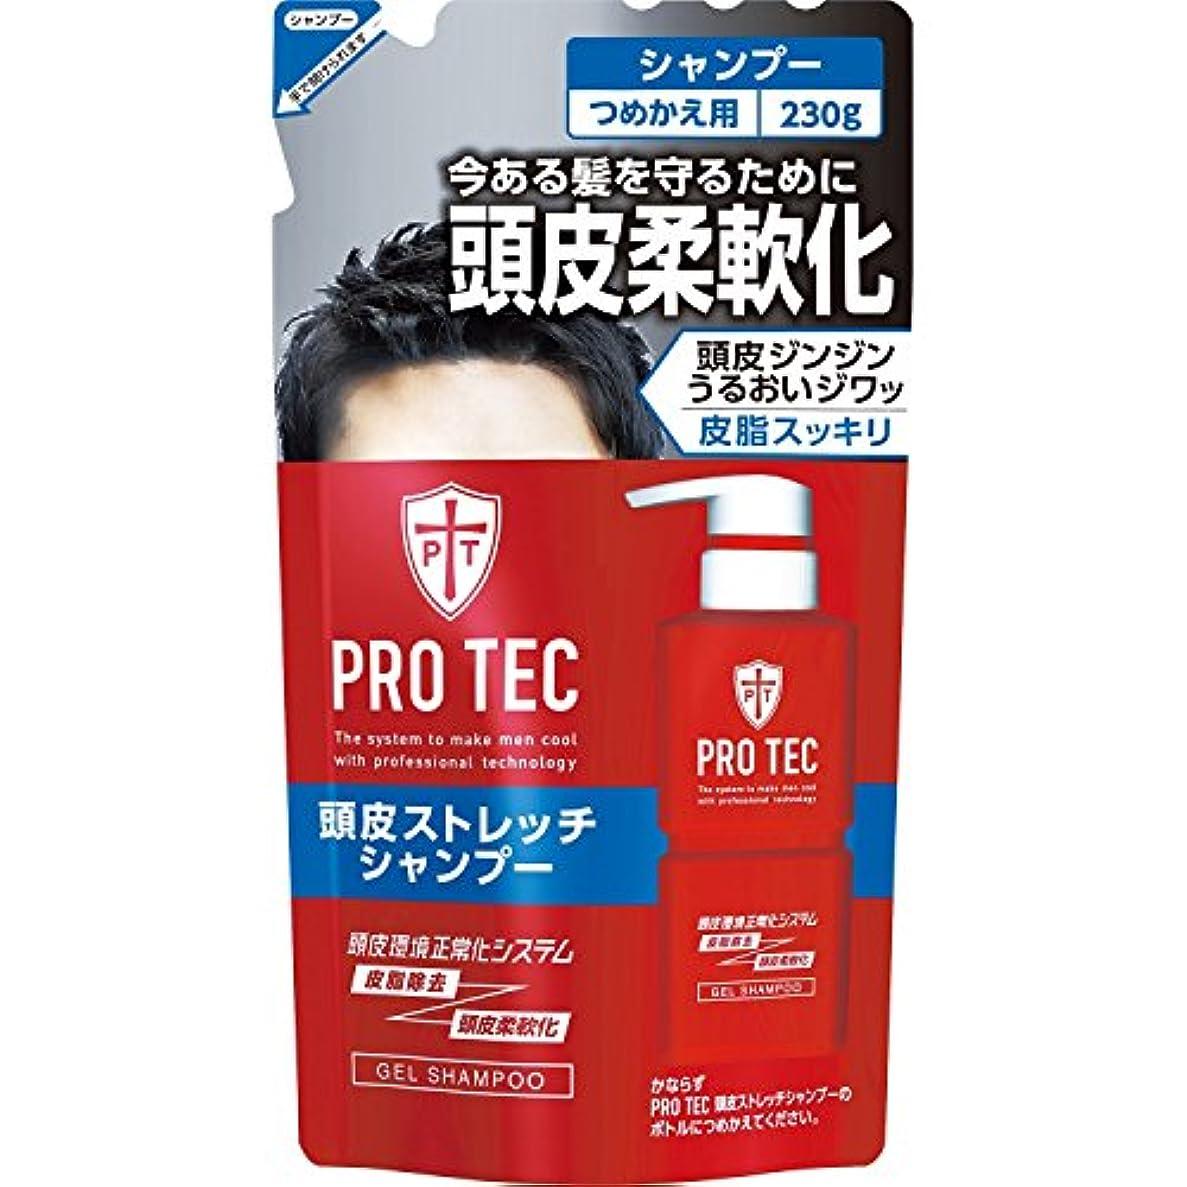 靴下略す愛PRO TEC(プロテク) 頭皮ストレッチ シャンプー 詰め替え 230g(医薬部外品)